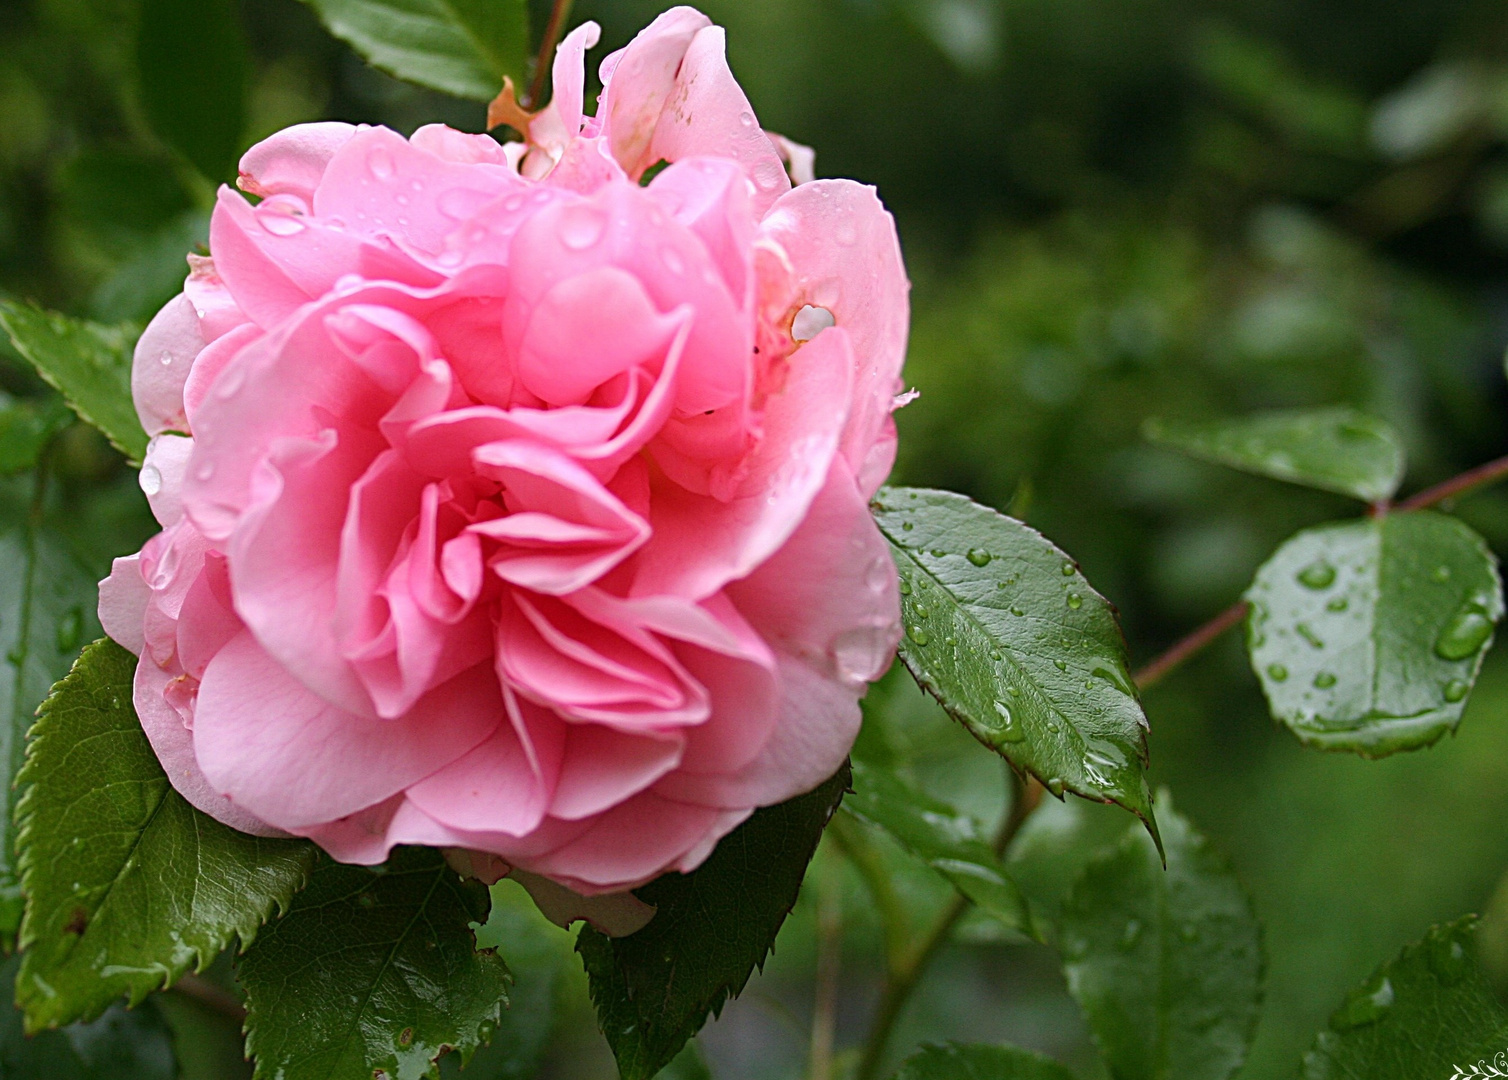 die ersten Rosen blühen schon